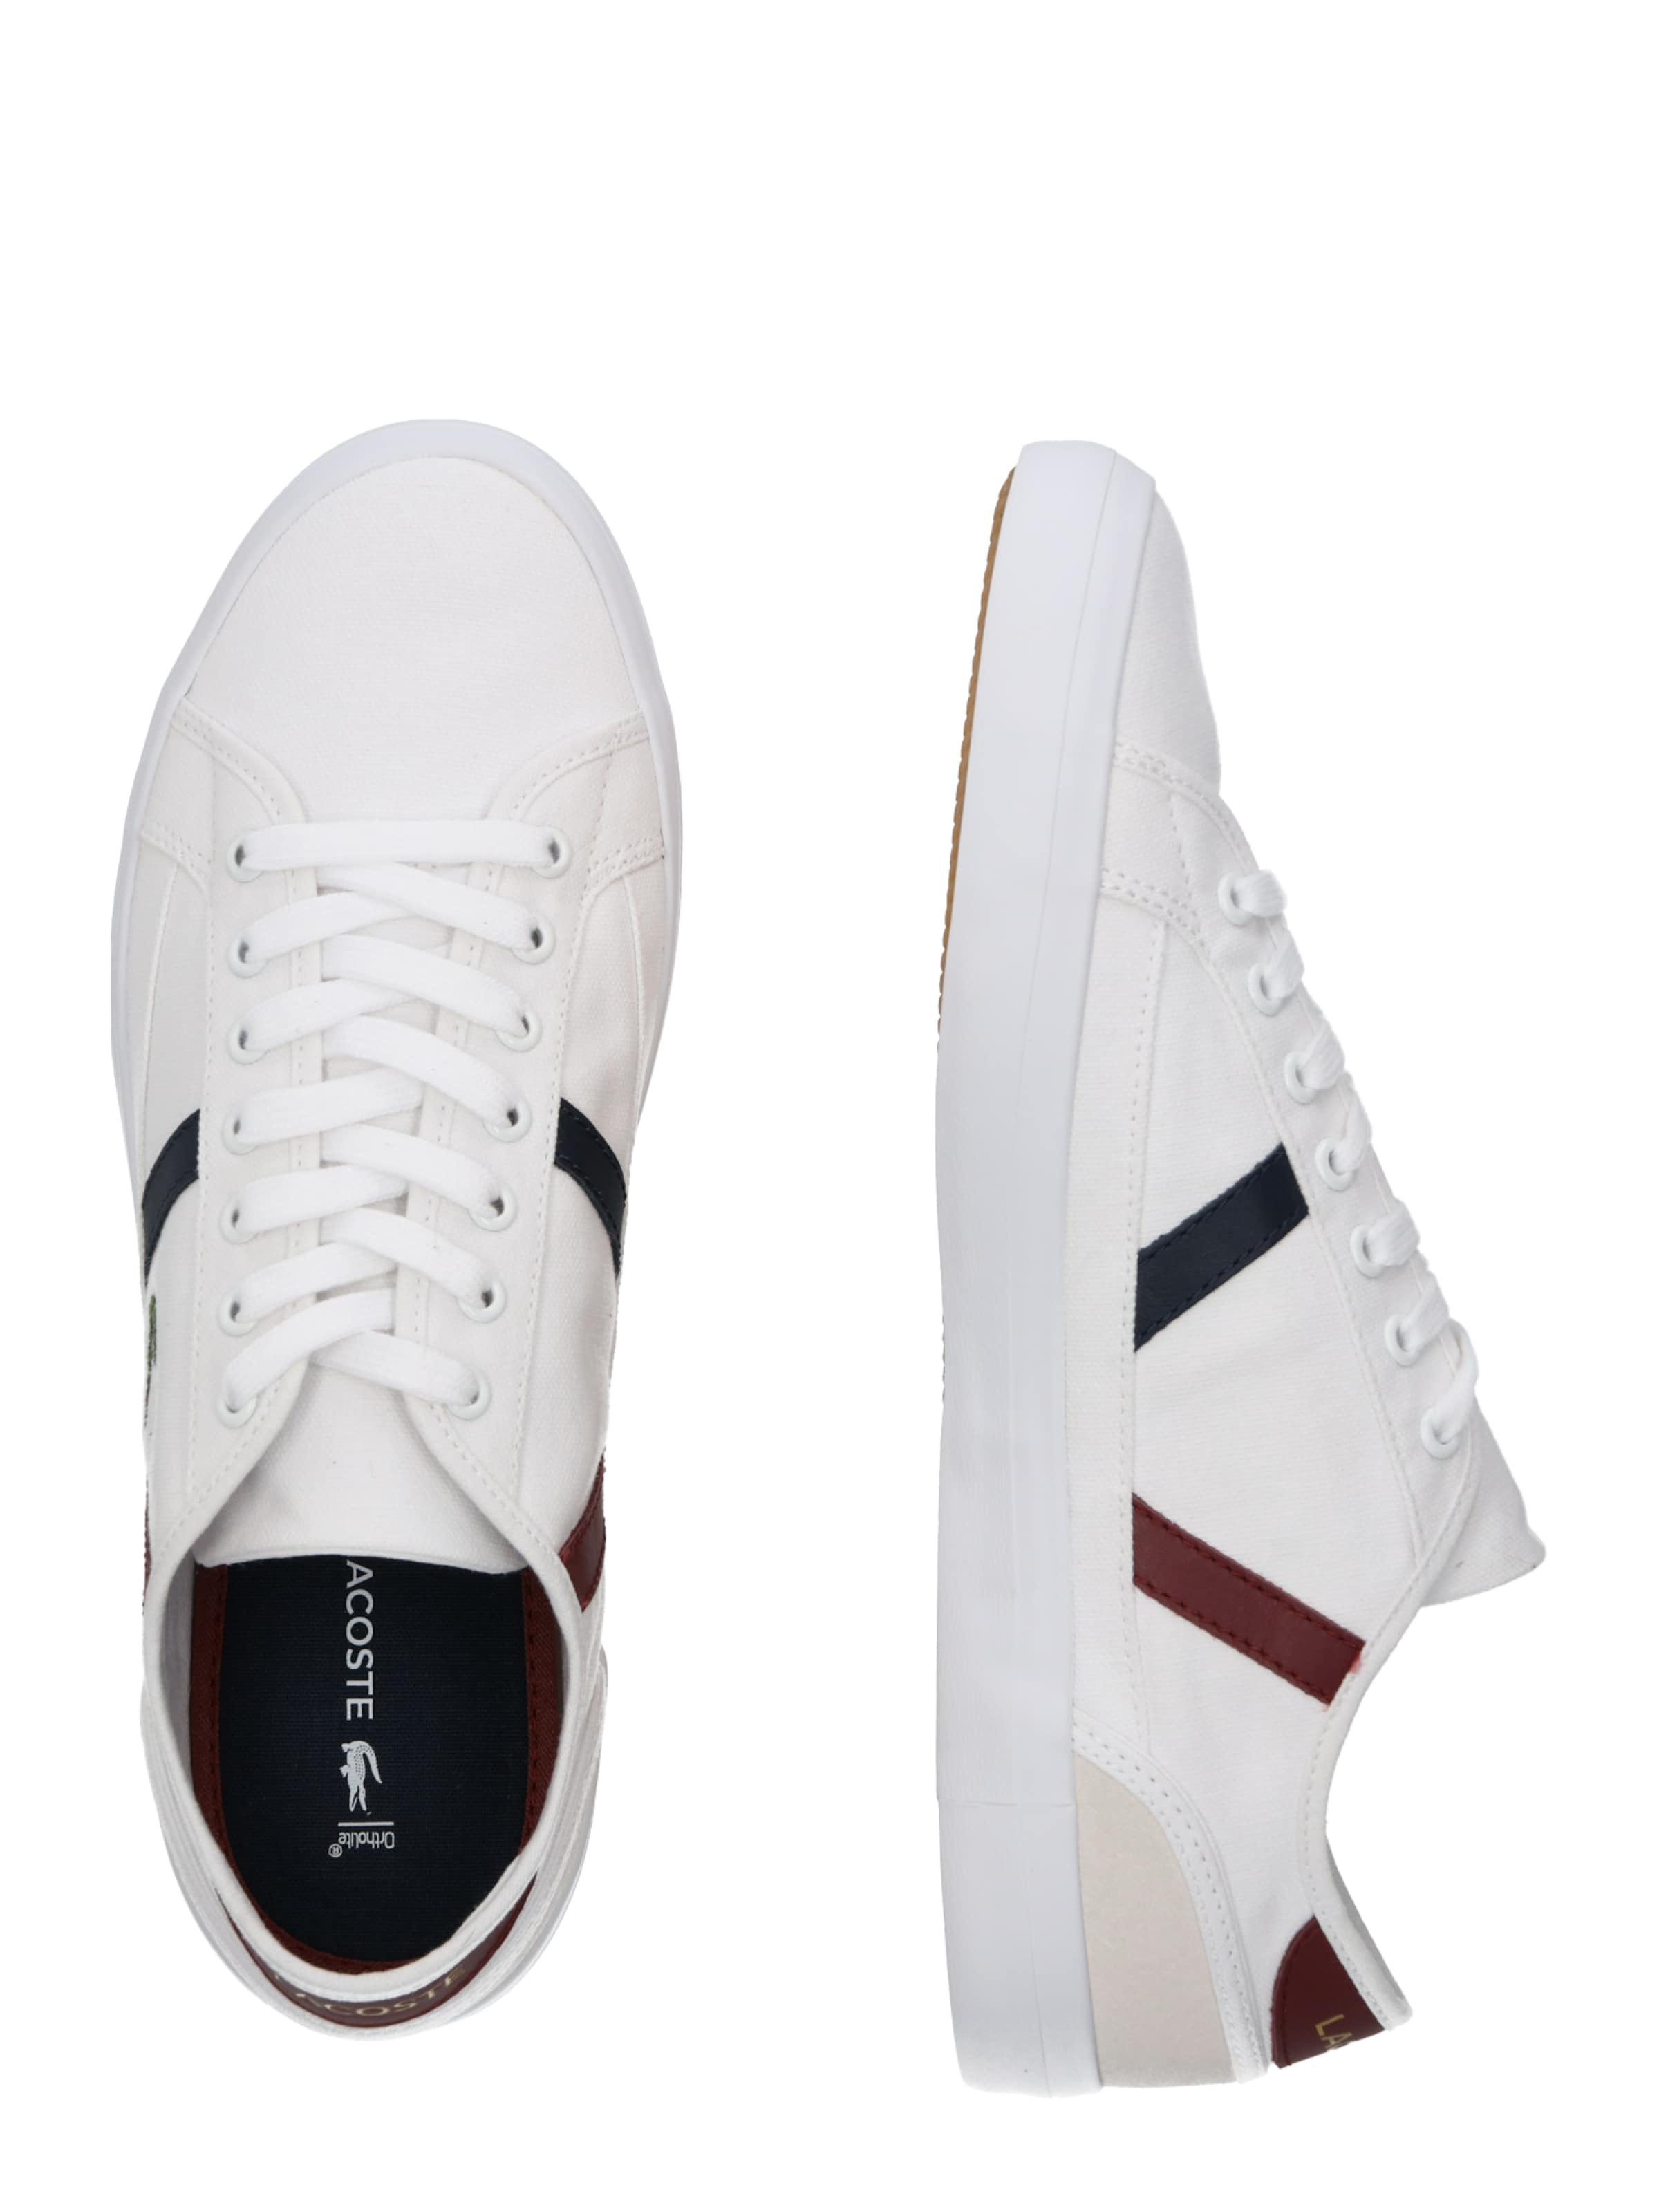 319 4 Weiß 'sideline Lacoste In Cma' Sneaker 80XknwOP